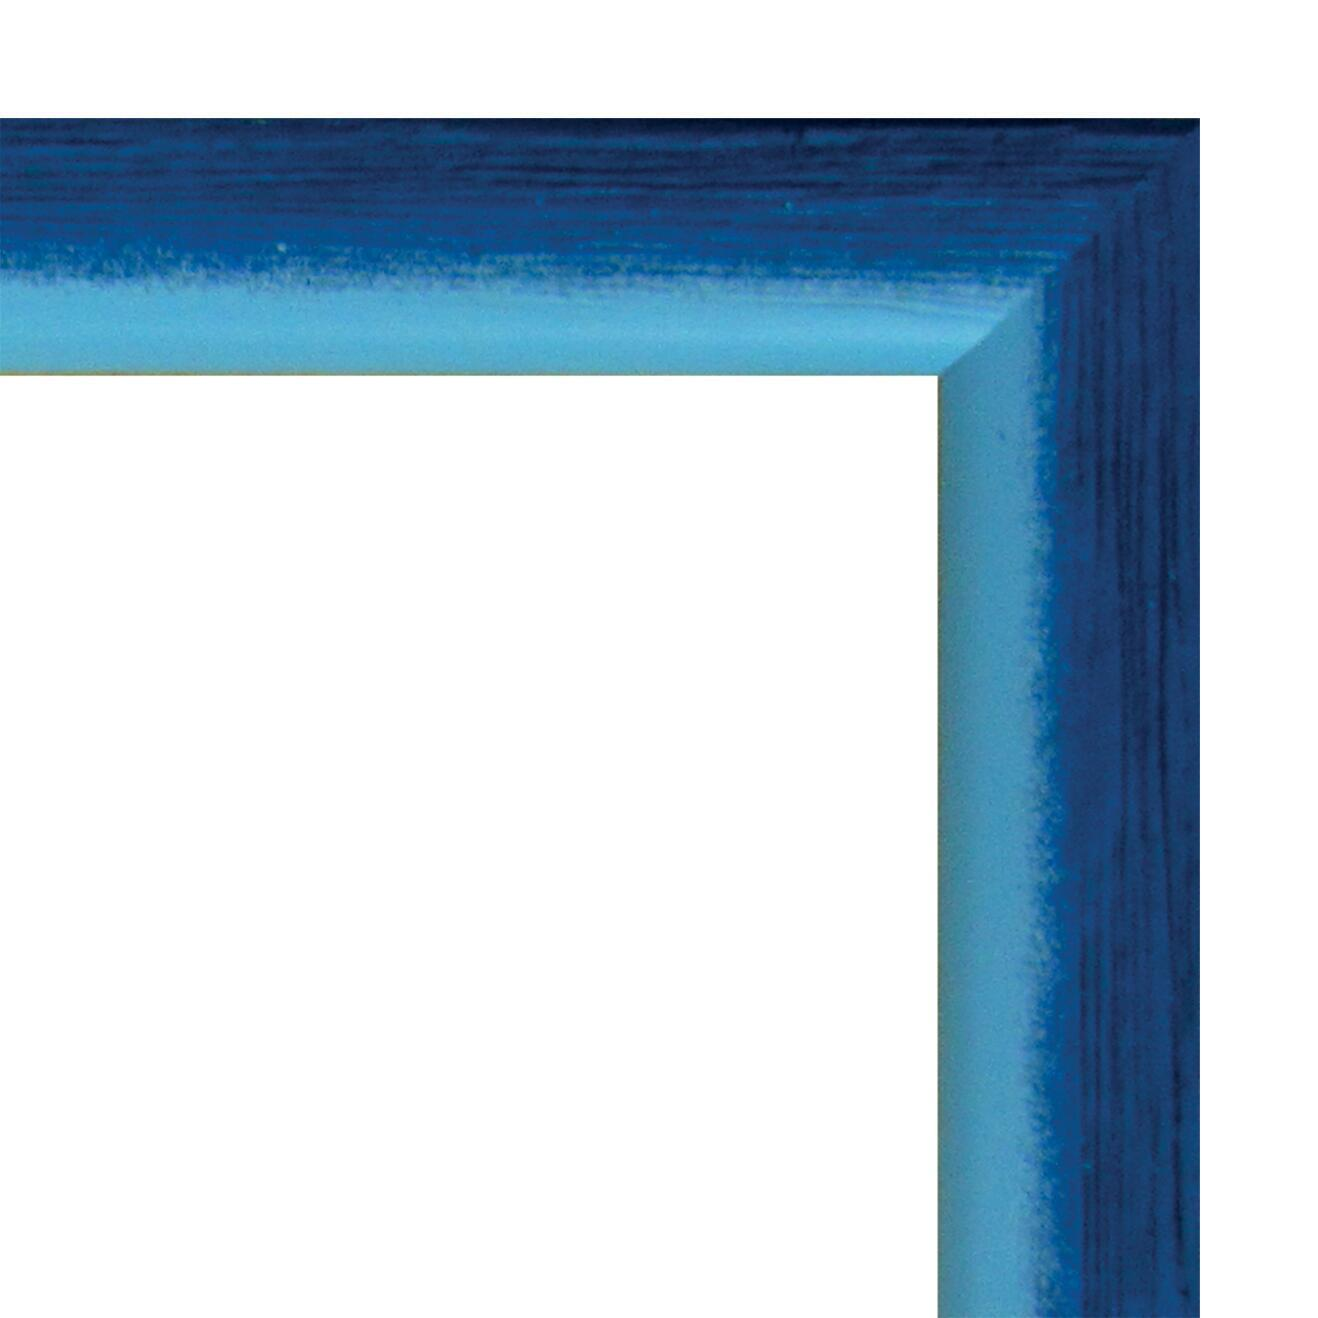 Cornice INSPIRE Bicolor azzurro<multisep/>blu per foto da 40x60 cm - 4